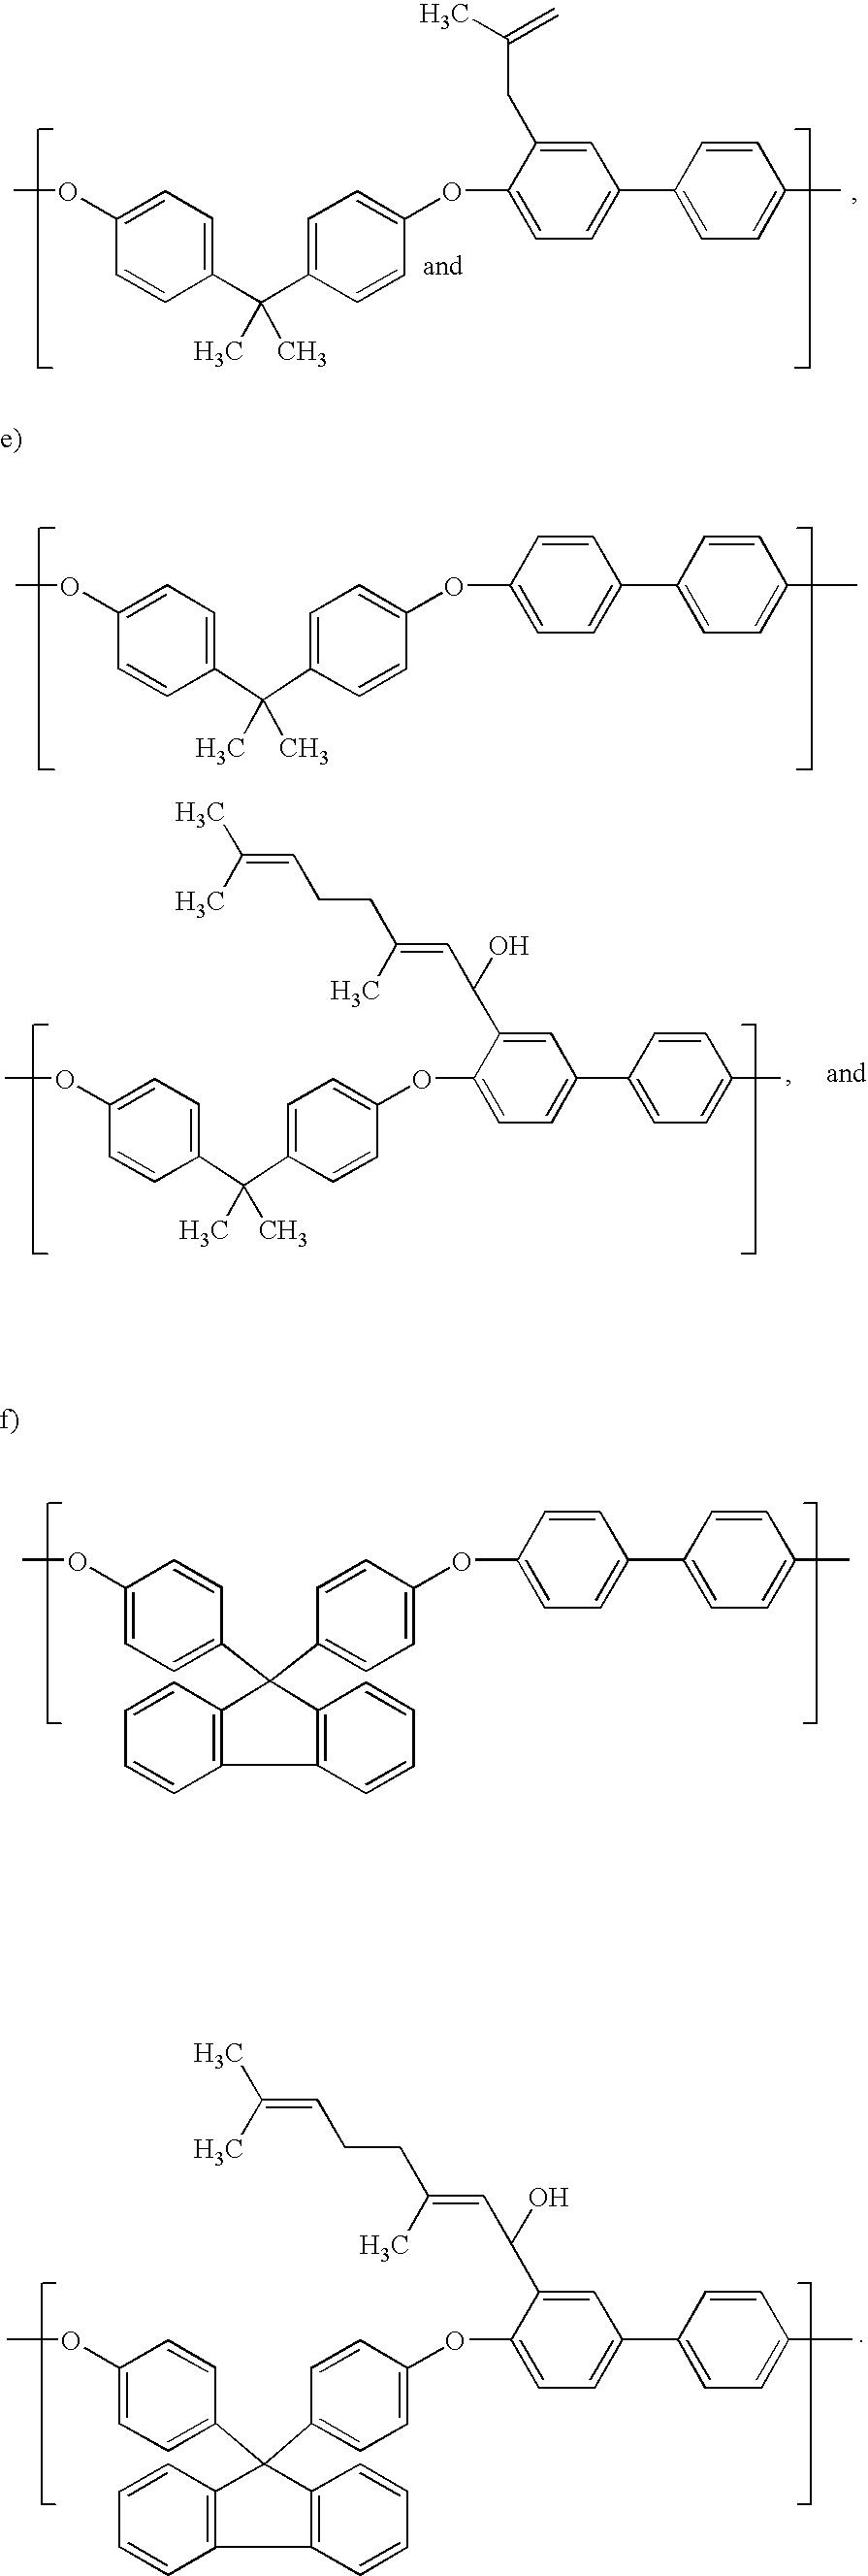 Figure US06716955-20040406-C00033